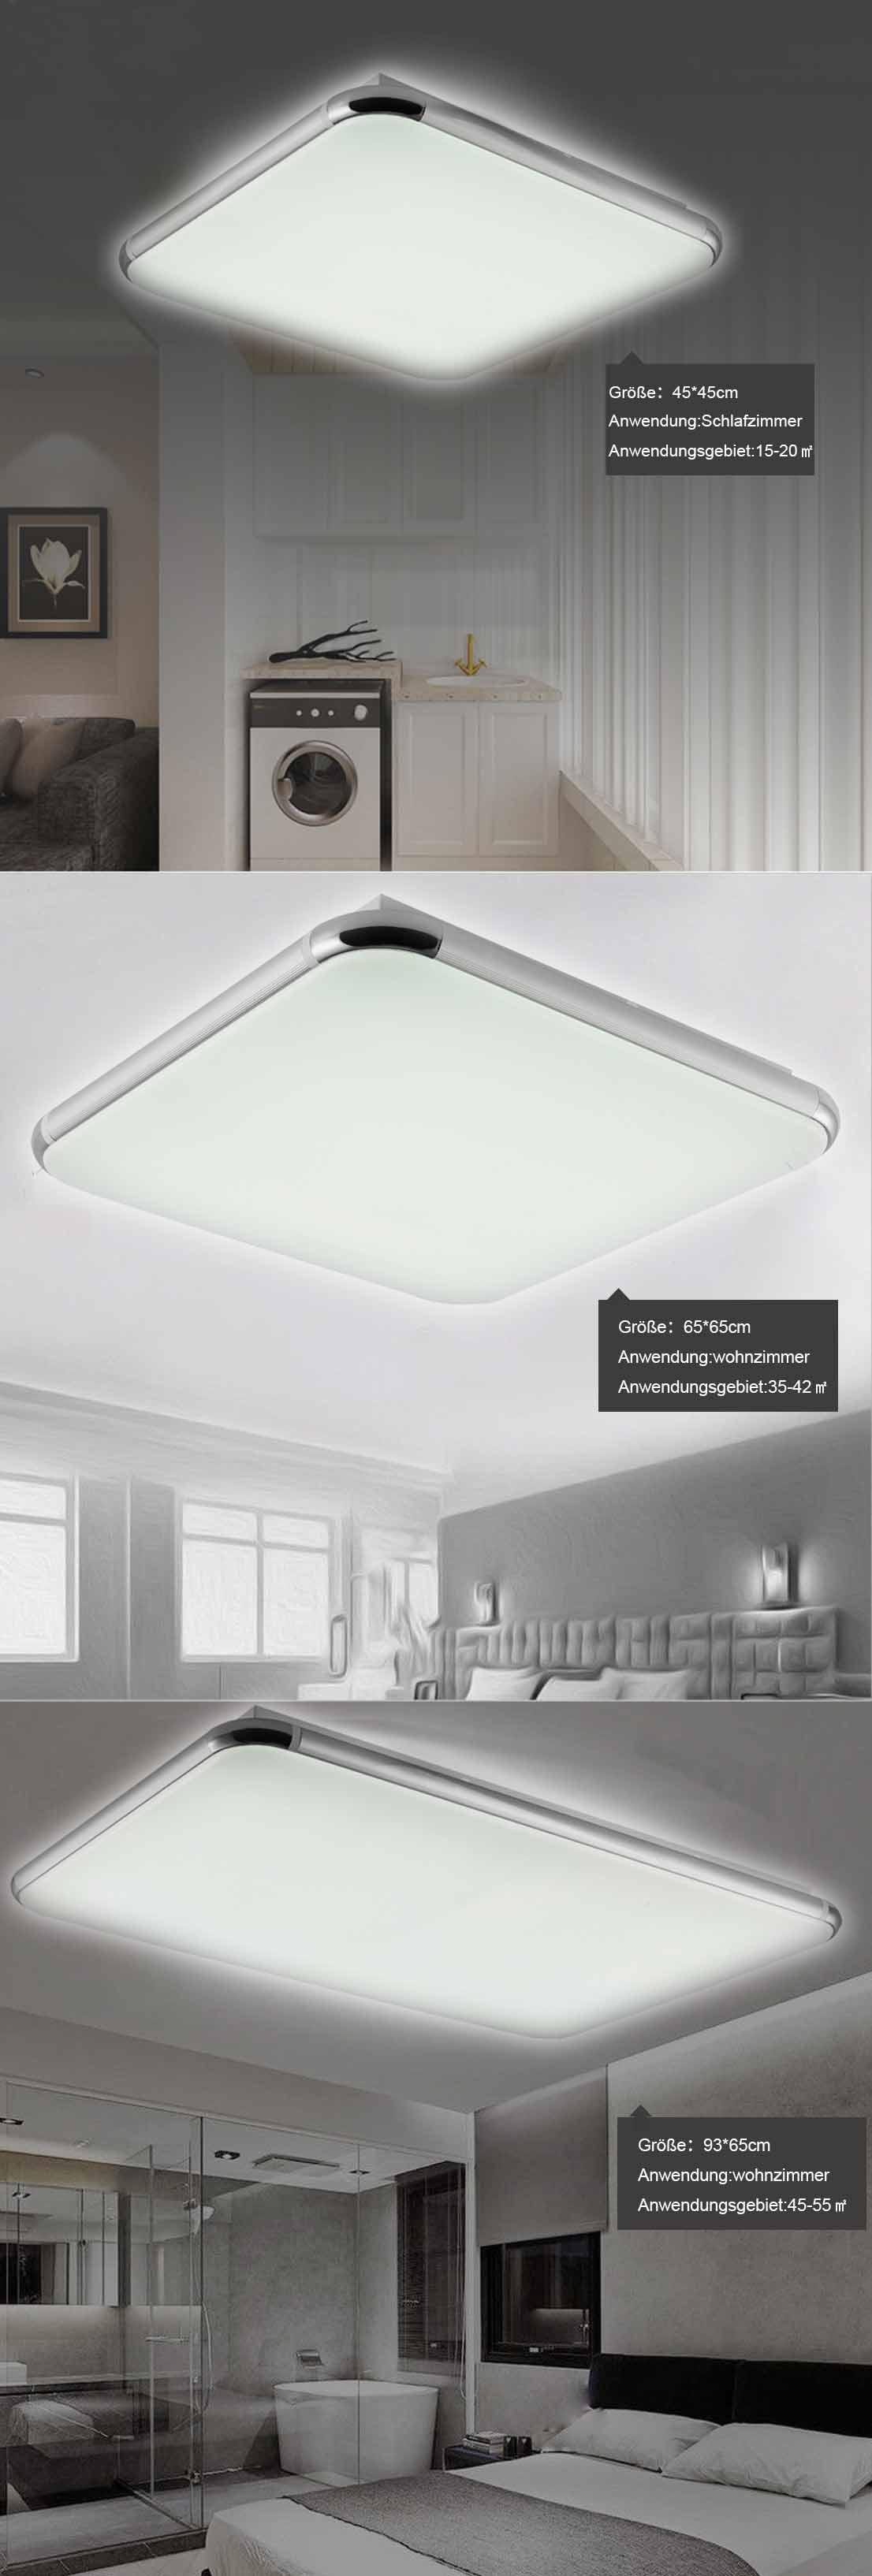 LED Deckenleuchte Dimmbar Badleuchte Küche Deckenlampe Wohnzimmer ...